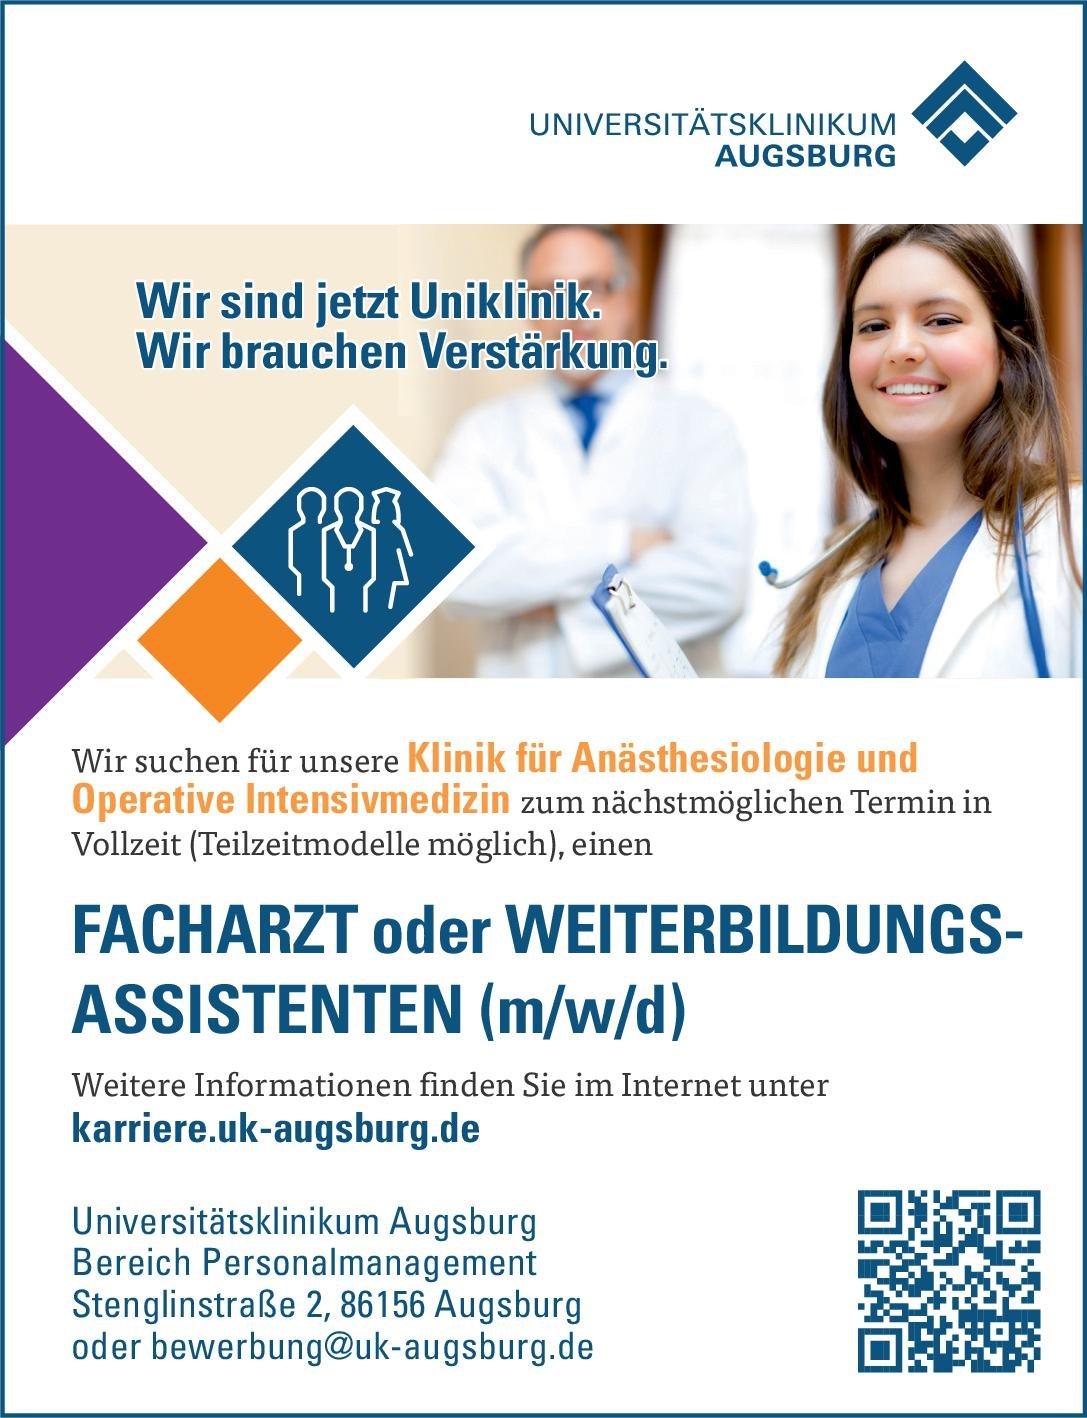 Universitätsklinikum Augsburg Facharzt oder Weiterbildungsassistenten (m/w/d) Anästhesiologie / Intensivmedizin Arzt / Facharzt, Assistenzarzt / Arzt in Weiterbildung